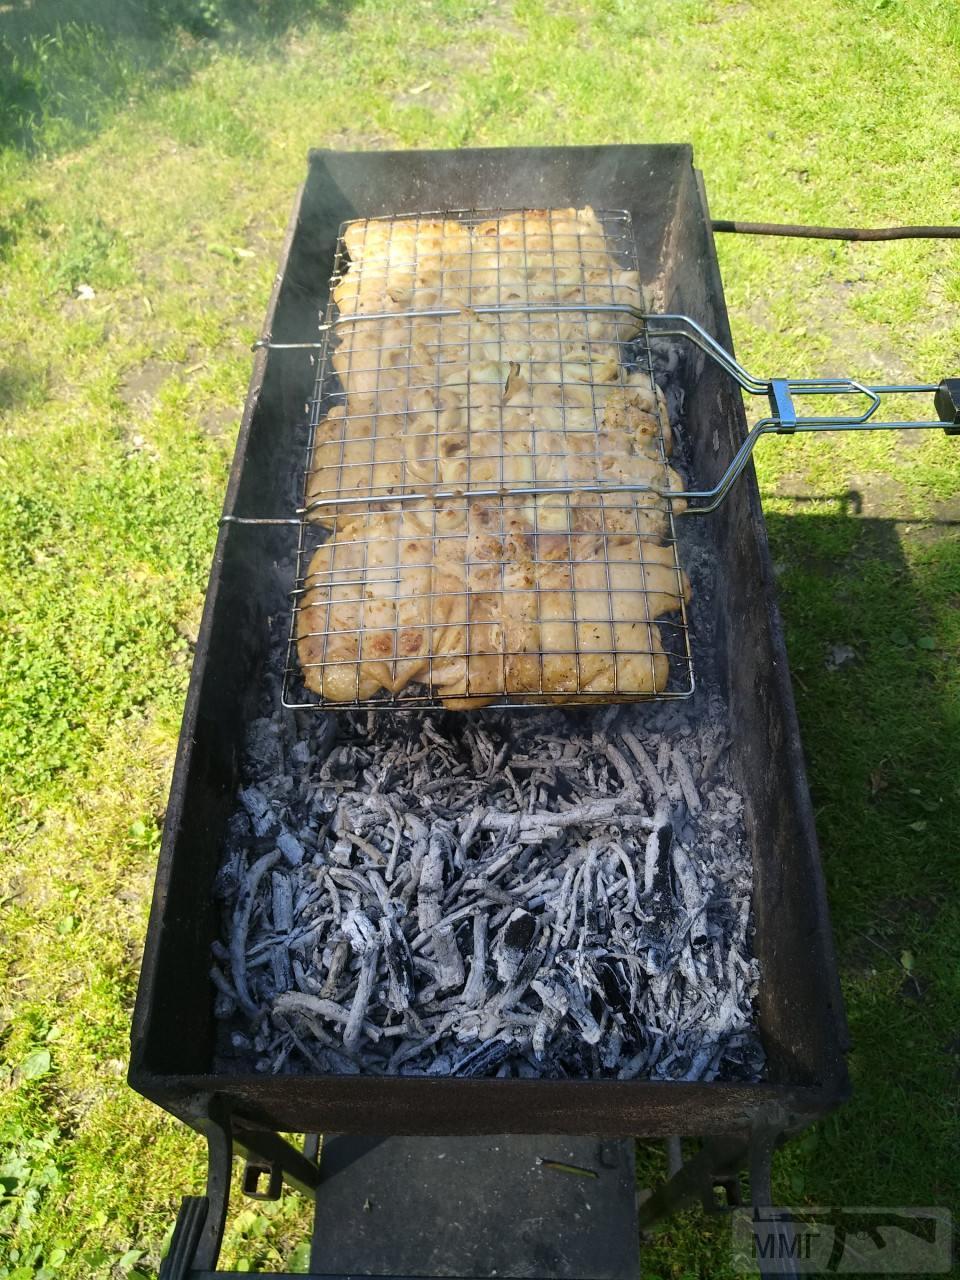 105082 - Закуски на огне (мангал, барбекю и т.д.) и кулинария вообще. Советы и рецепты.